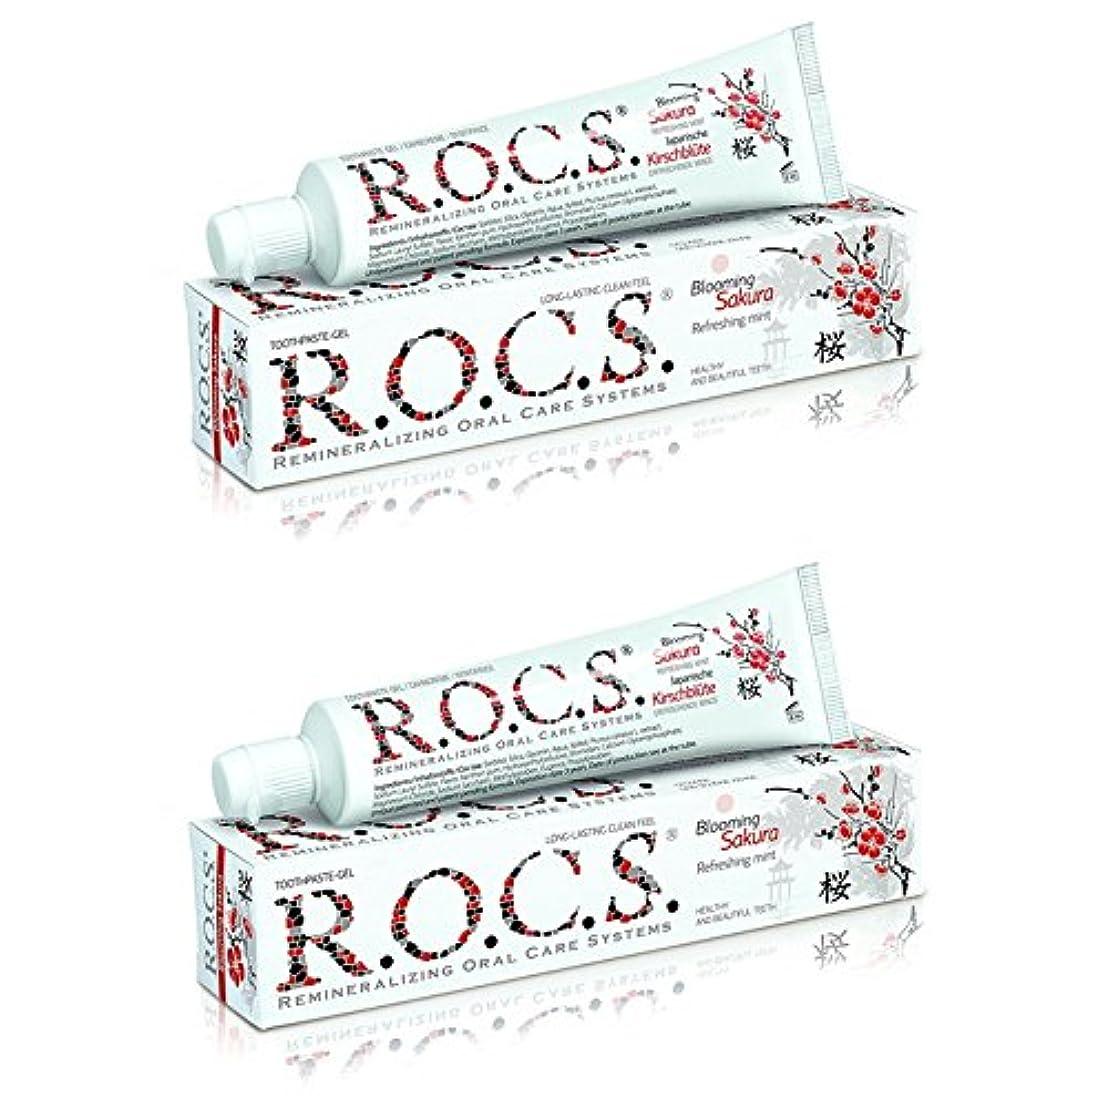 テンポガイドライン保険をかけるR.O.C.S. ロックス 歯磨き粉 ブルーミング サクラ BS (2箱セット)